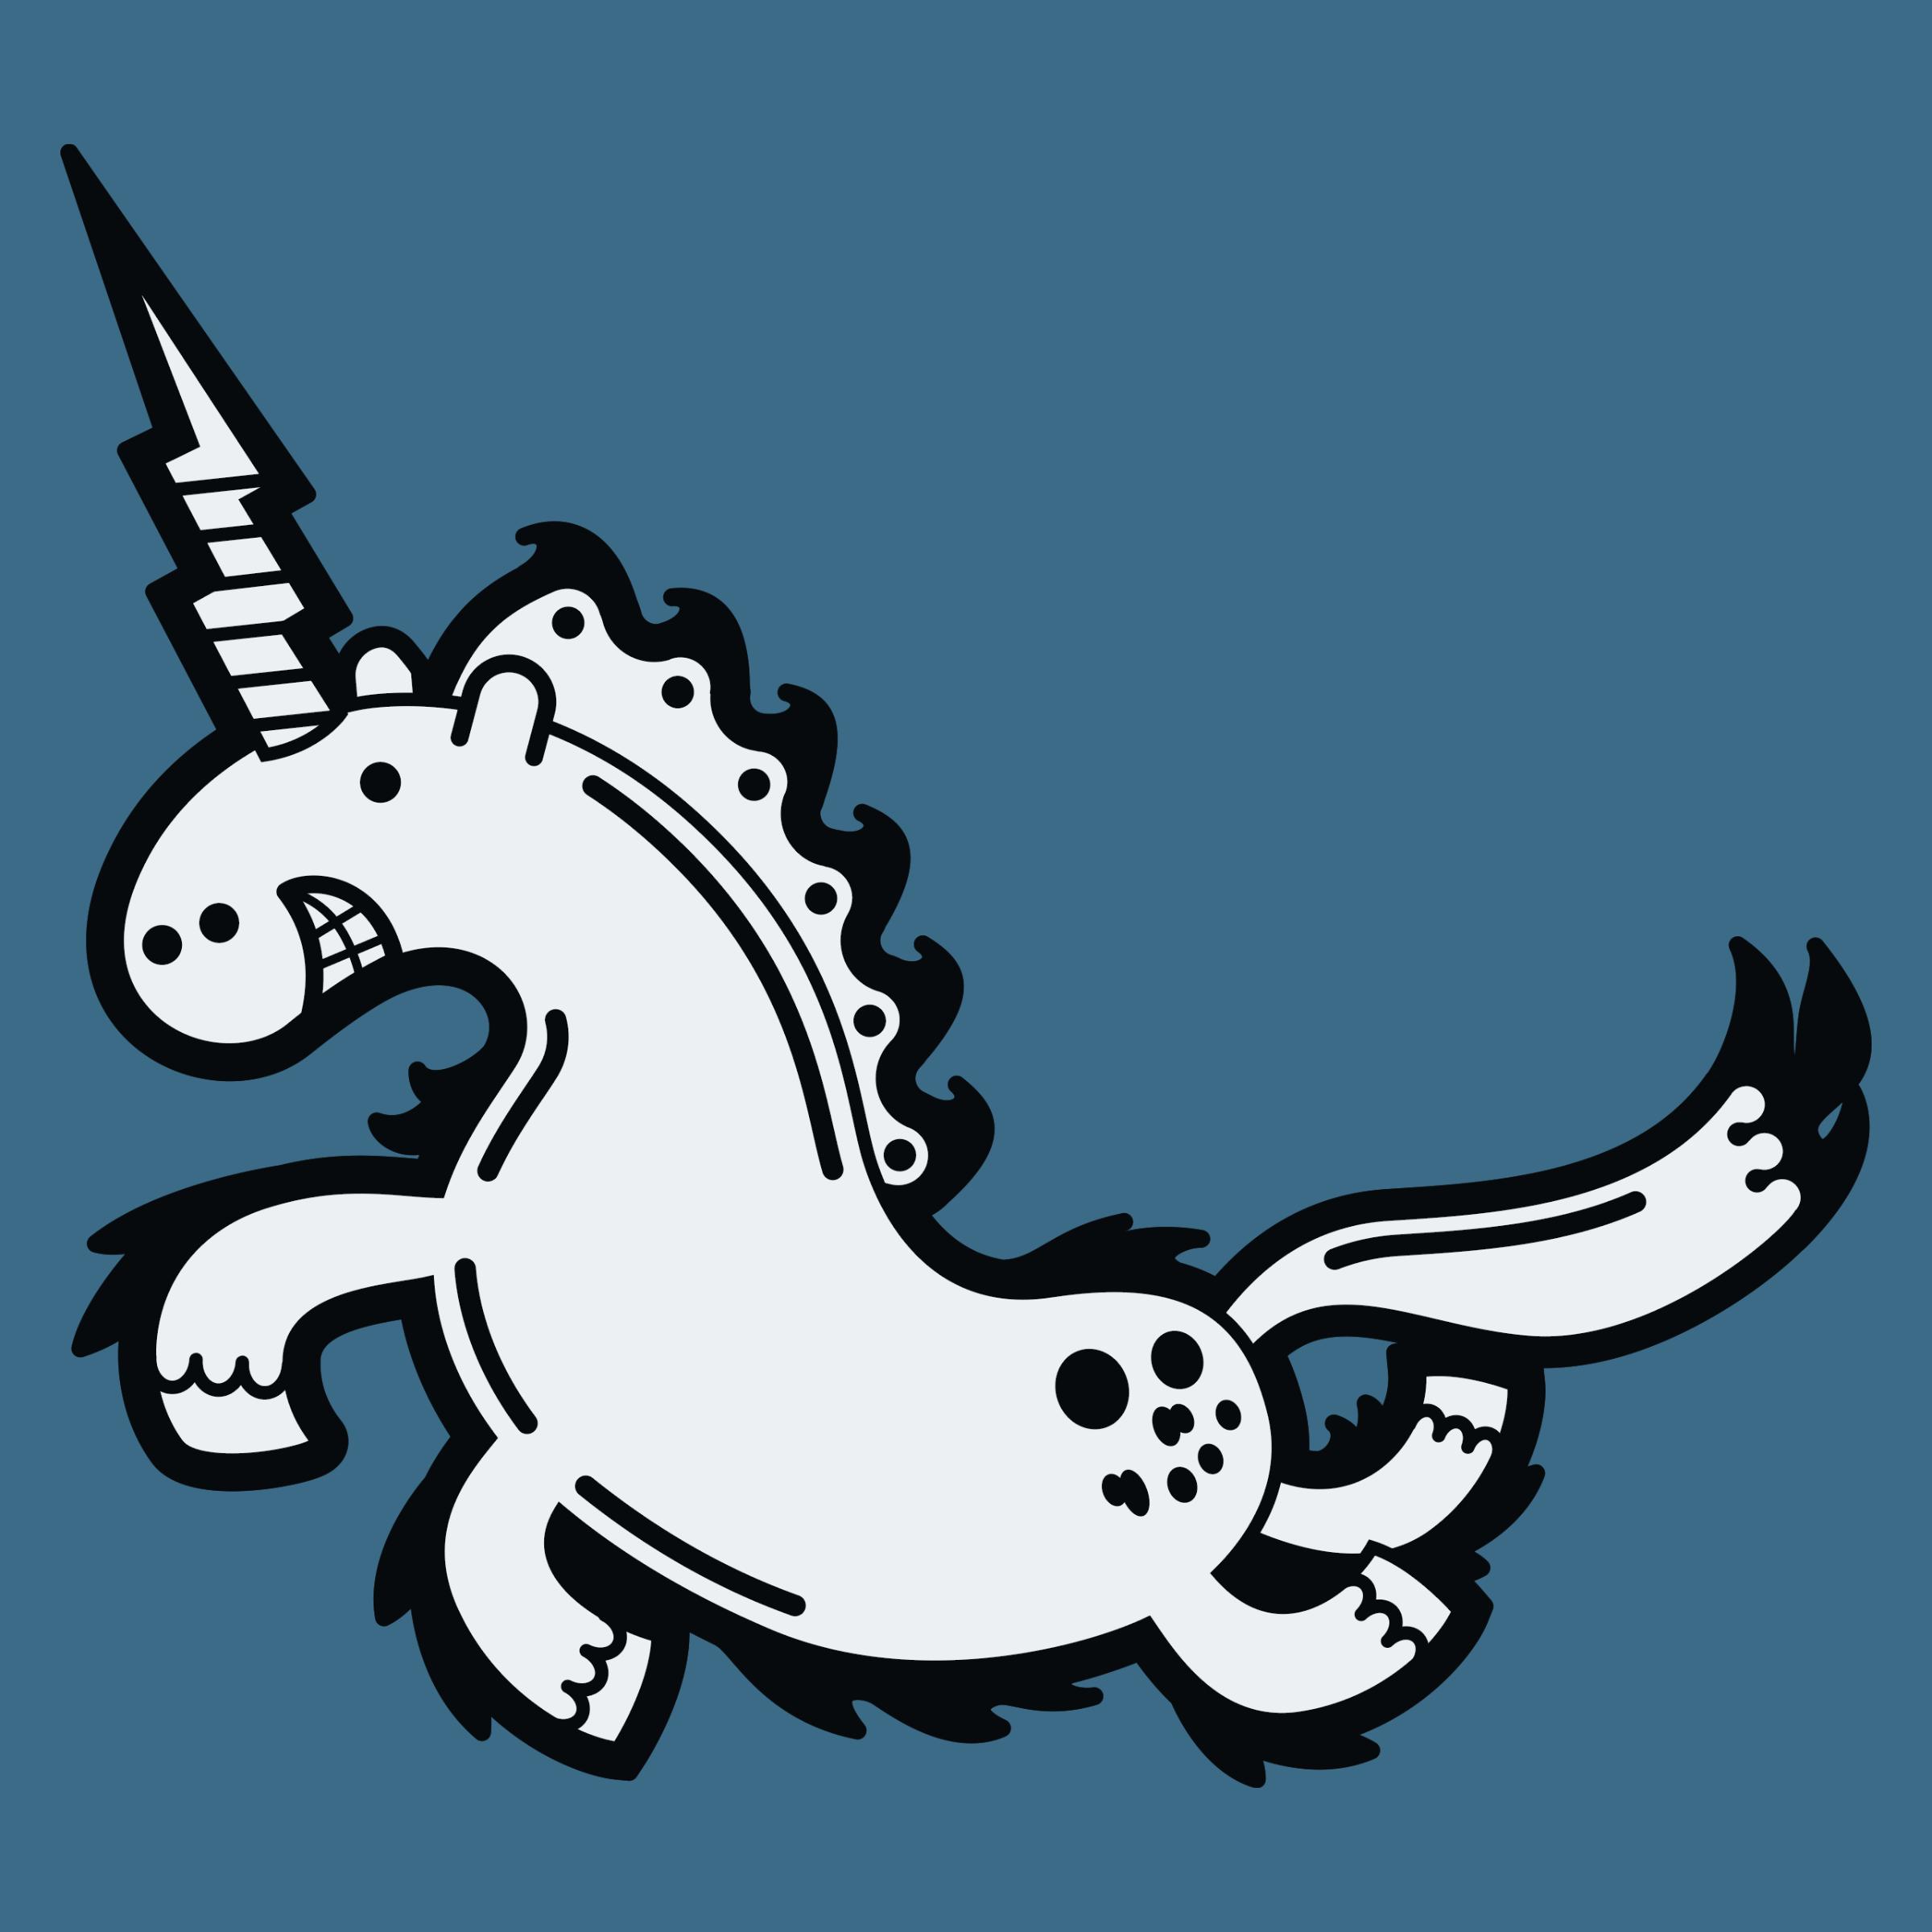 The Unicorn!